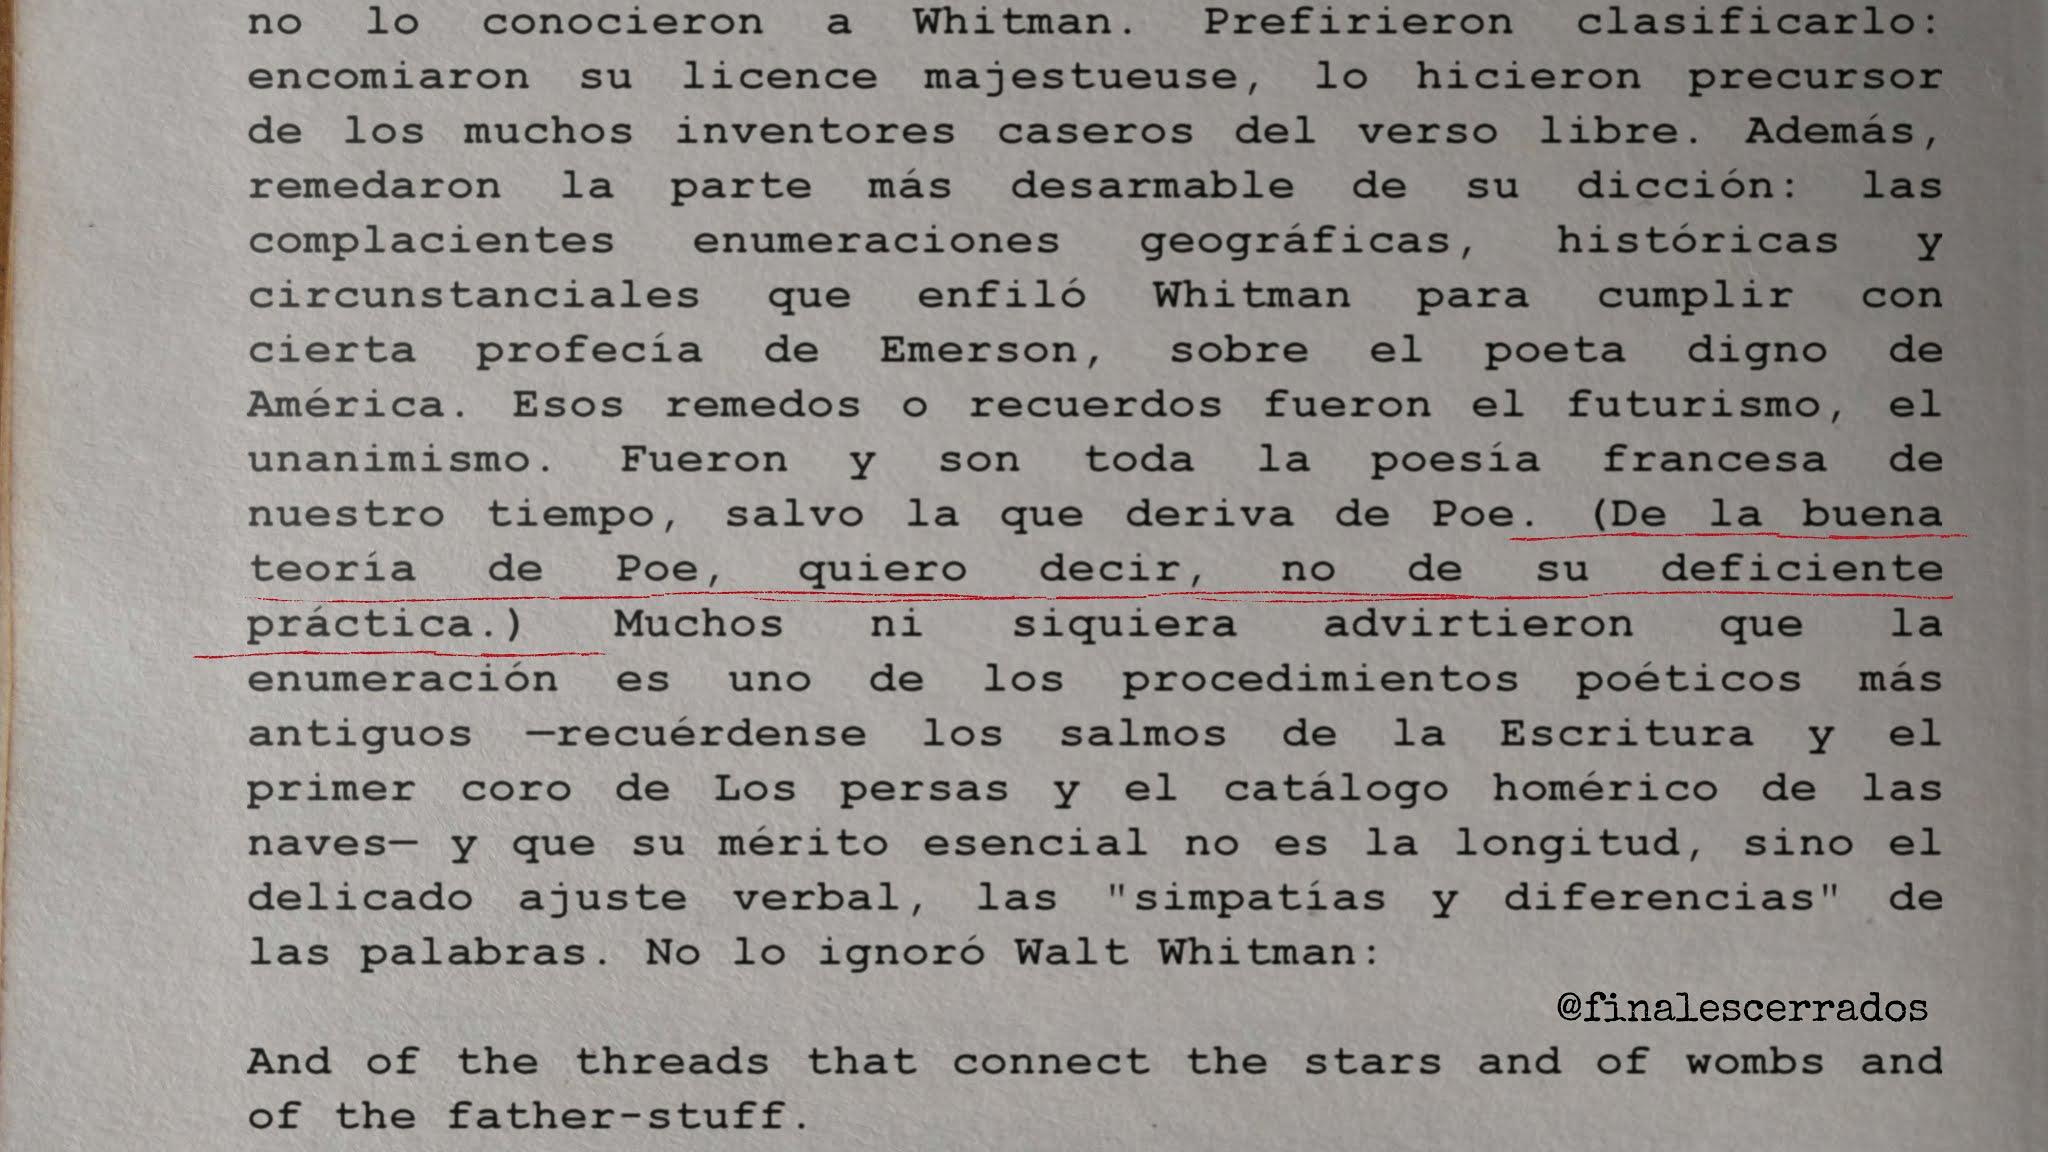 De la buena teoría de Poe